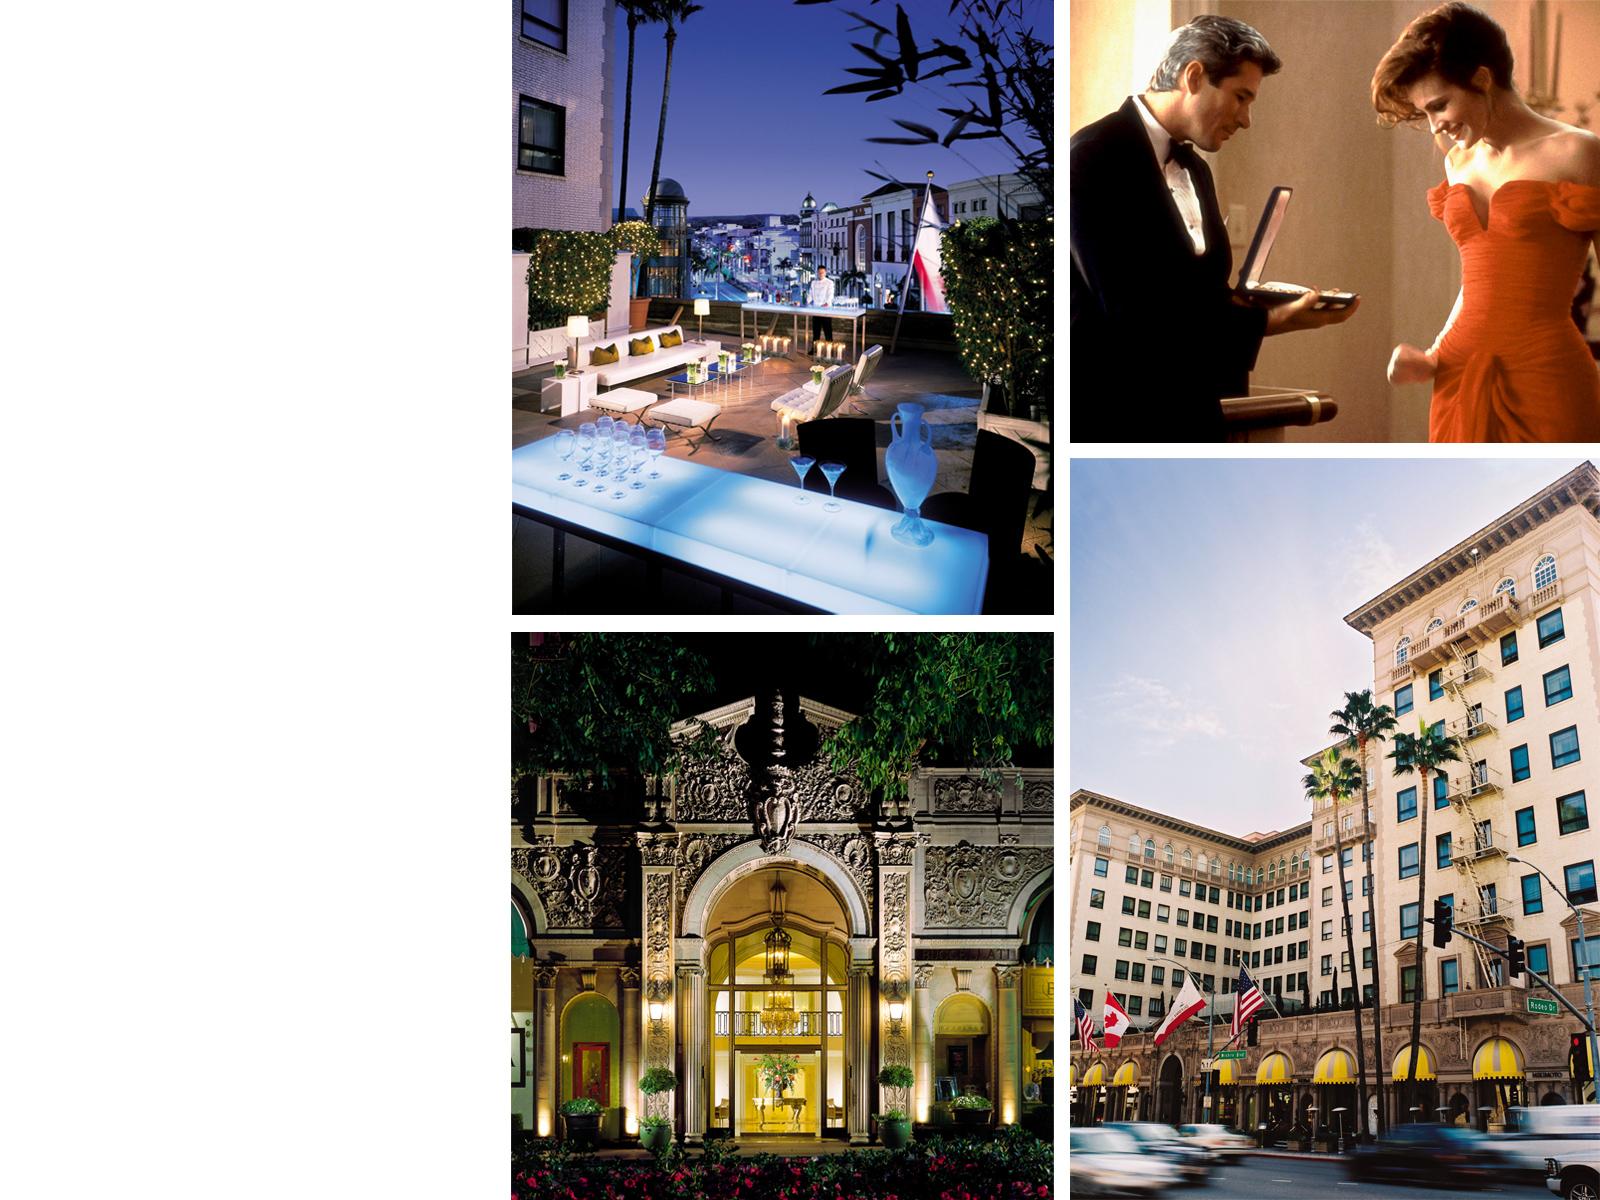 Beverly Wilshire, Лос-Анджелес: u00abКрасоткаu00bb, режиссер Гэрри МаршаллЗдесь героиня Джулии Робертс заявила богатенькому Гиру, что ей нужна настоящая сказка, здесь же она нервировала гостей безумными нарядами и наглым поведением в лифте. Хотя если быть честными, для съемок был использован только фасад пятизвездочного отеля, интерьерные сцены снимались в павильонах.